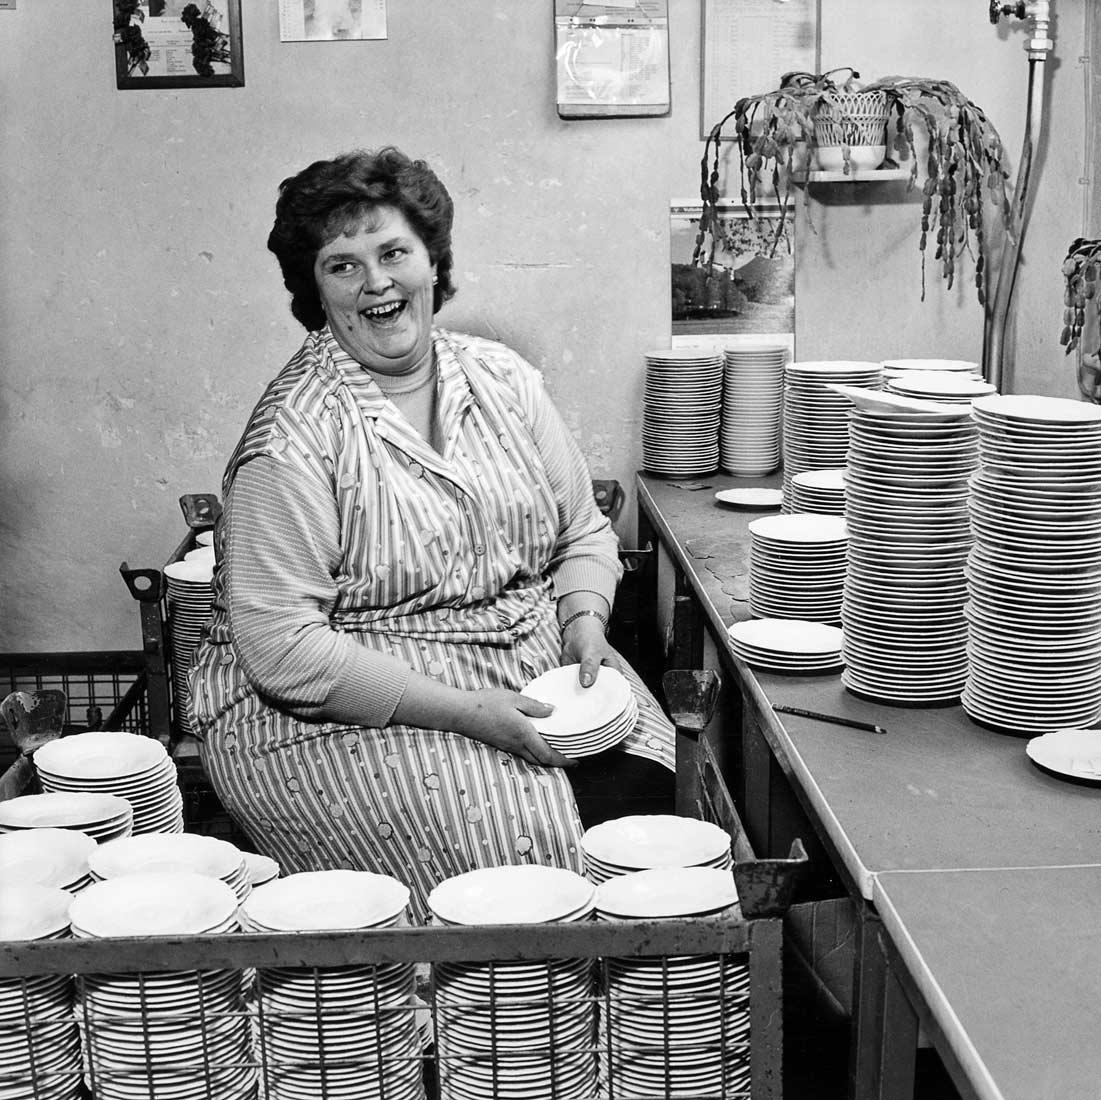 Porzellansortiererin der Porzellanfabrik Hutschenreuther AG - Tirschenreuth 1987